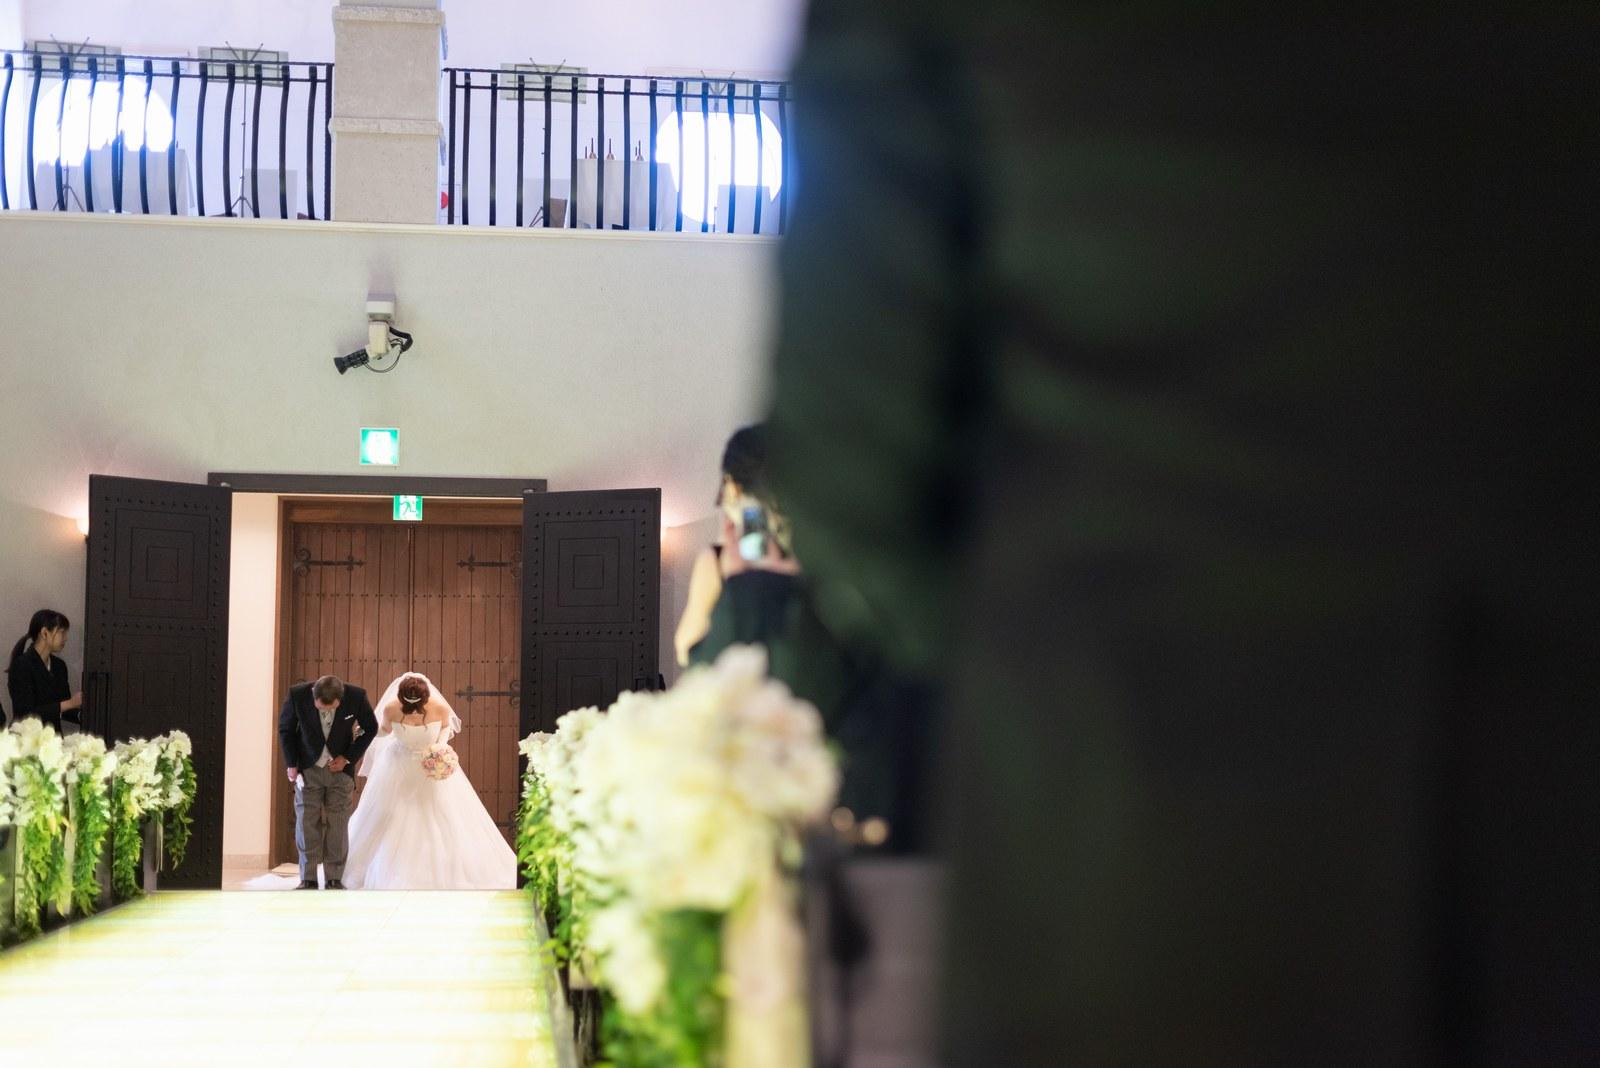 香川県の結婚式場のシェルエメール&アイスタイルの挙式入場